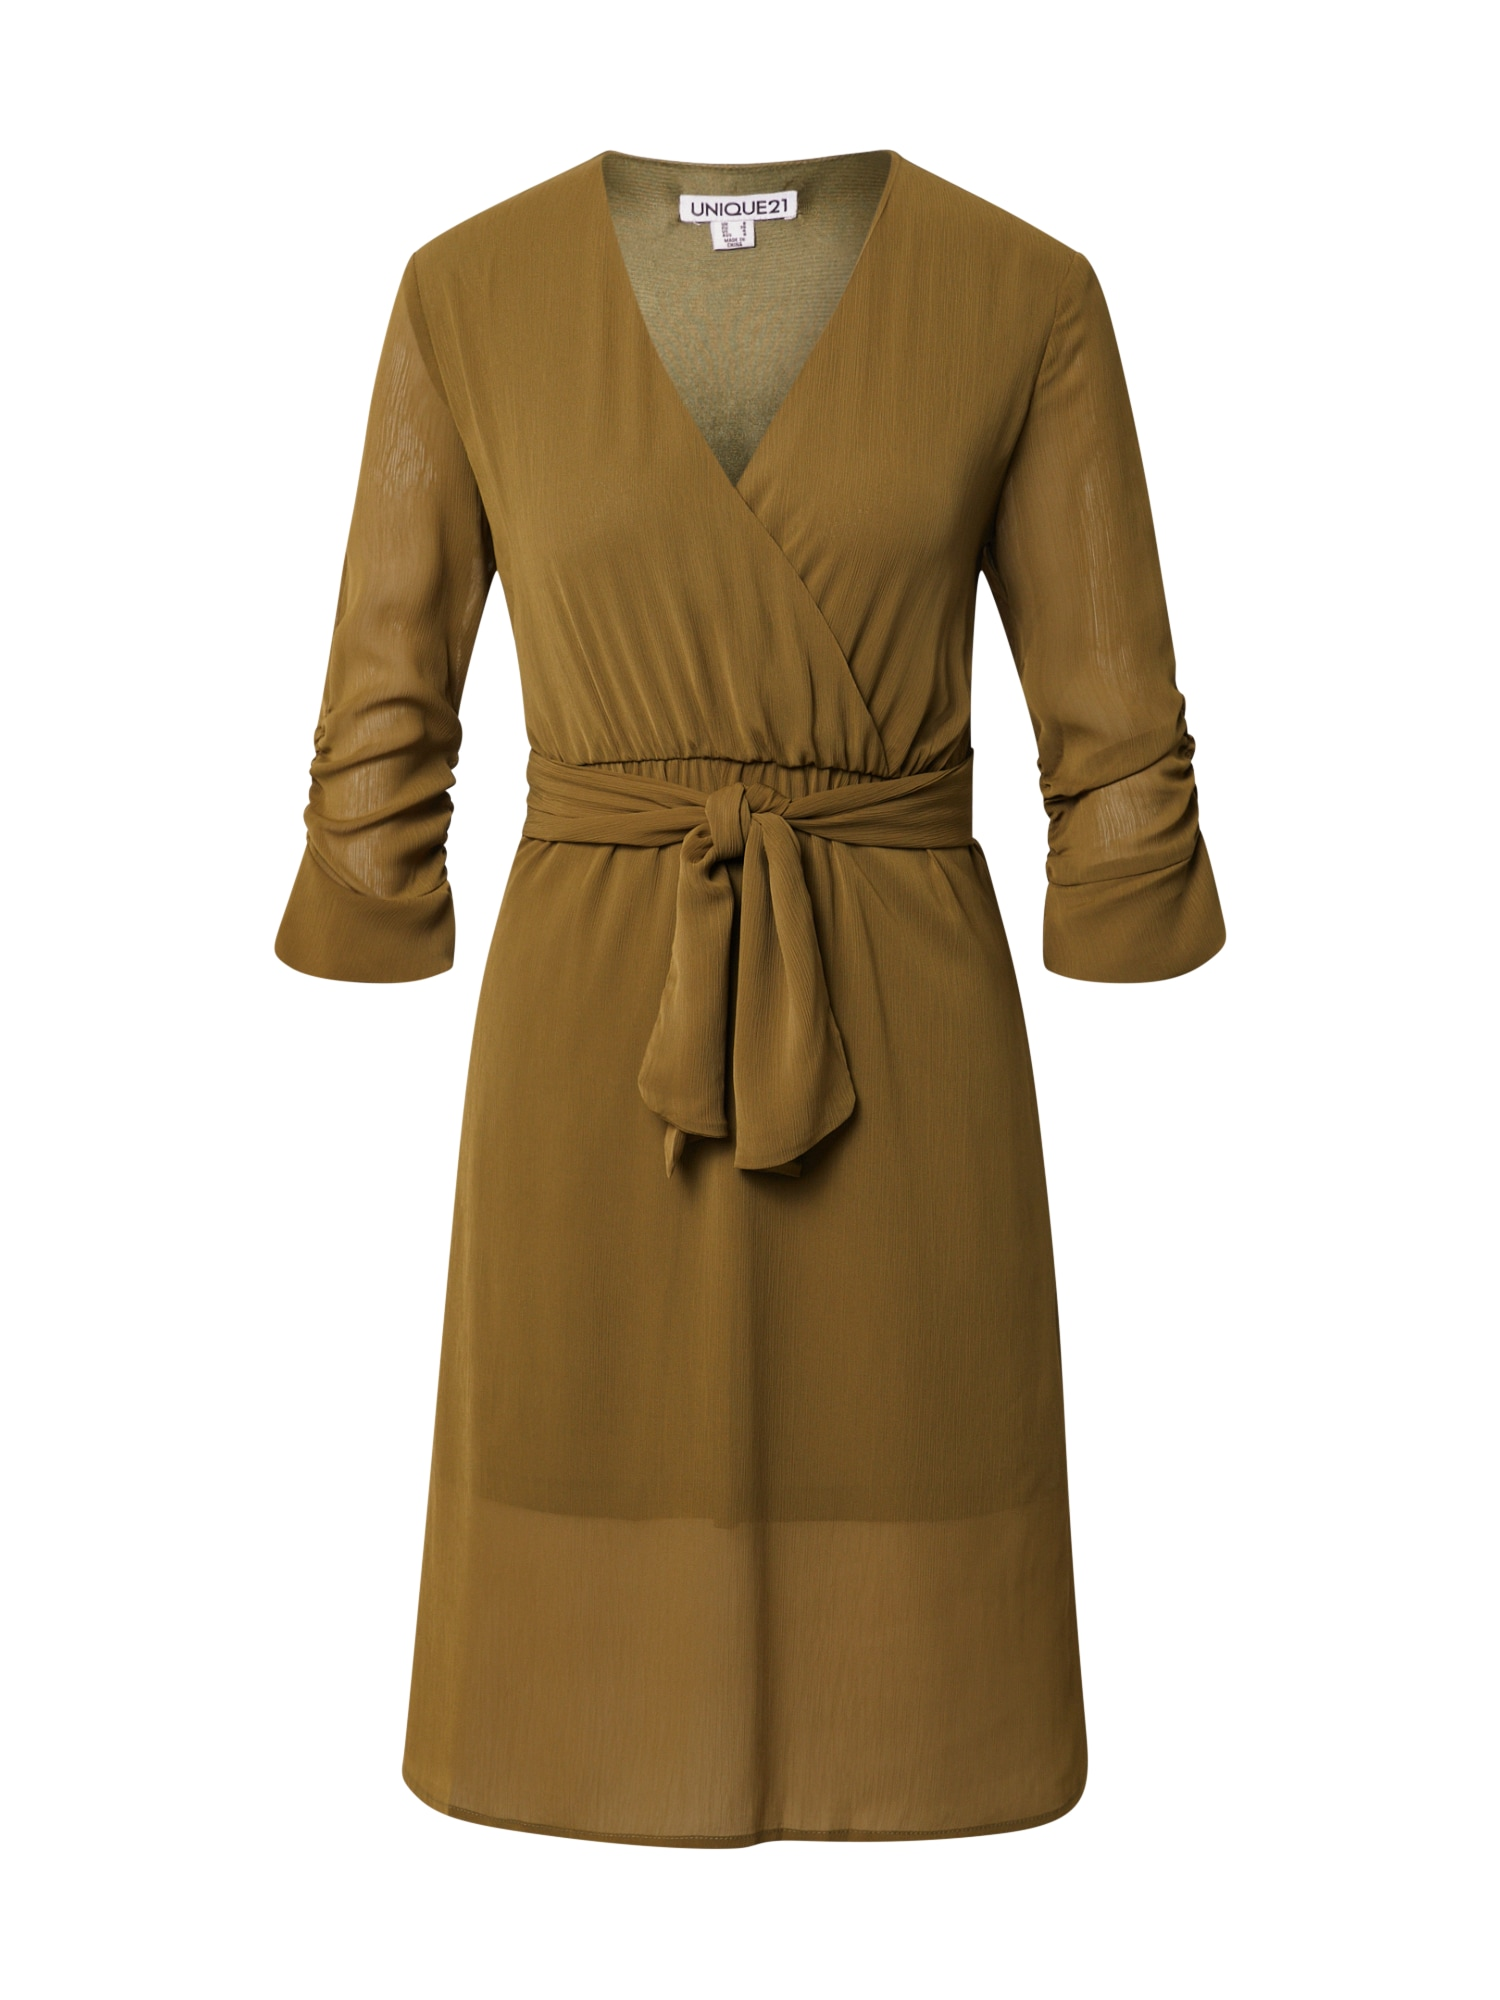 Unique21 Palaidinės tipo suknelė alyvuogių spalva